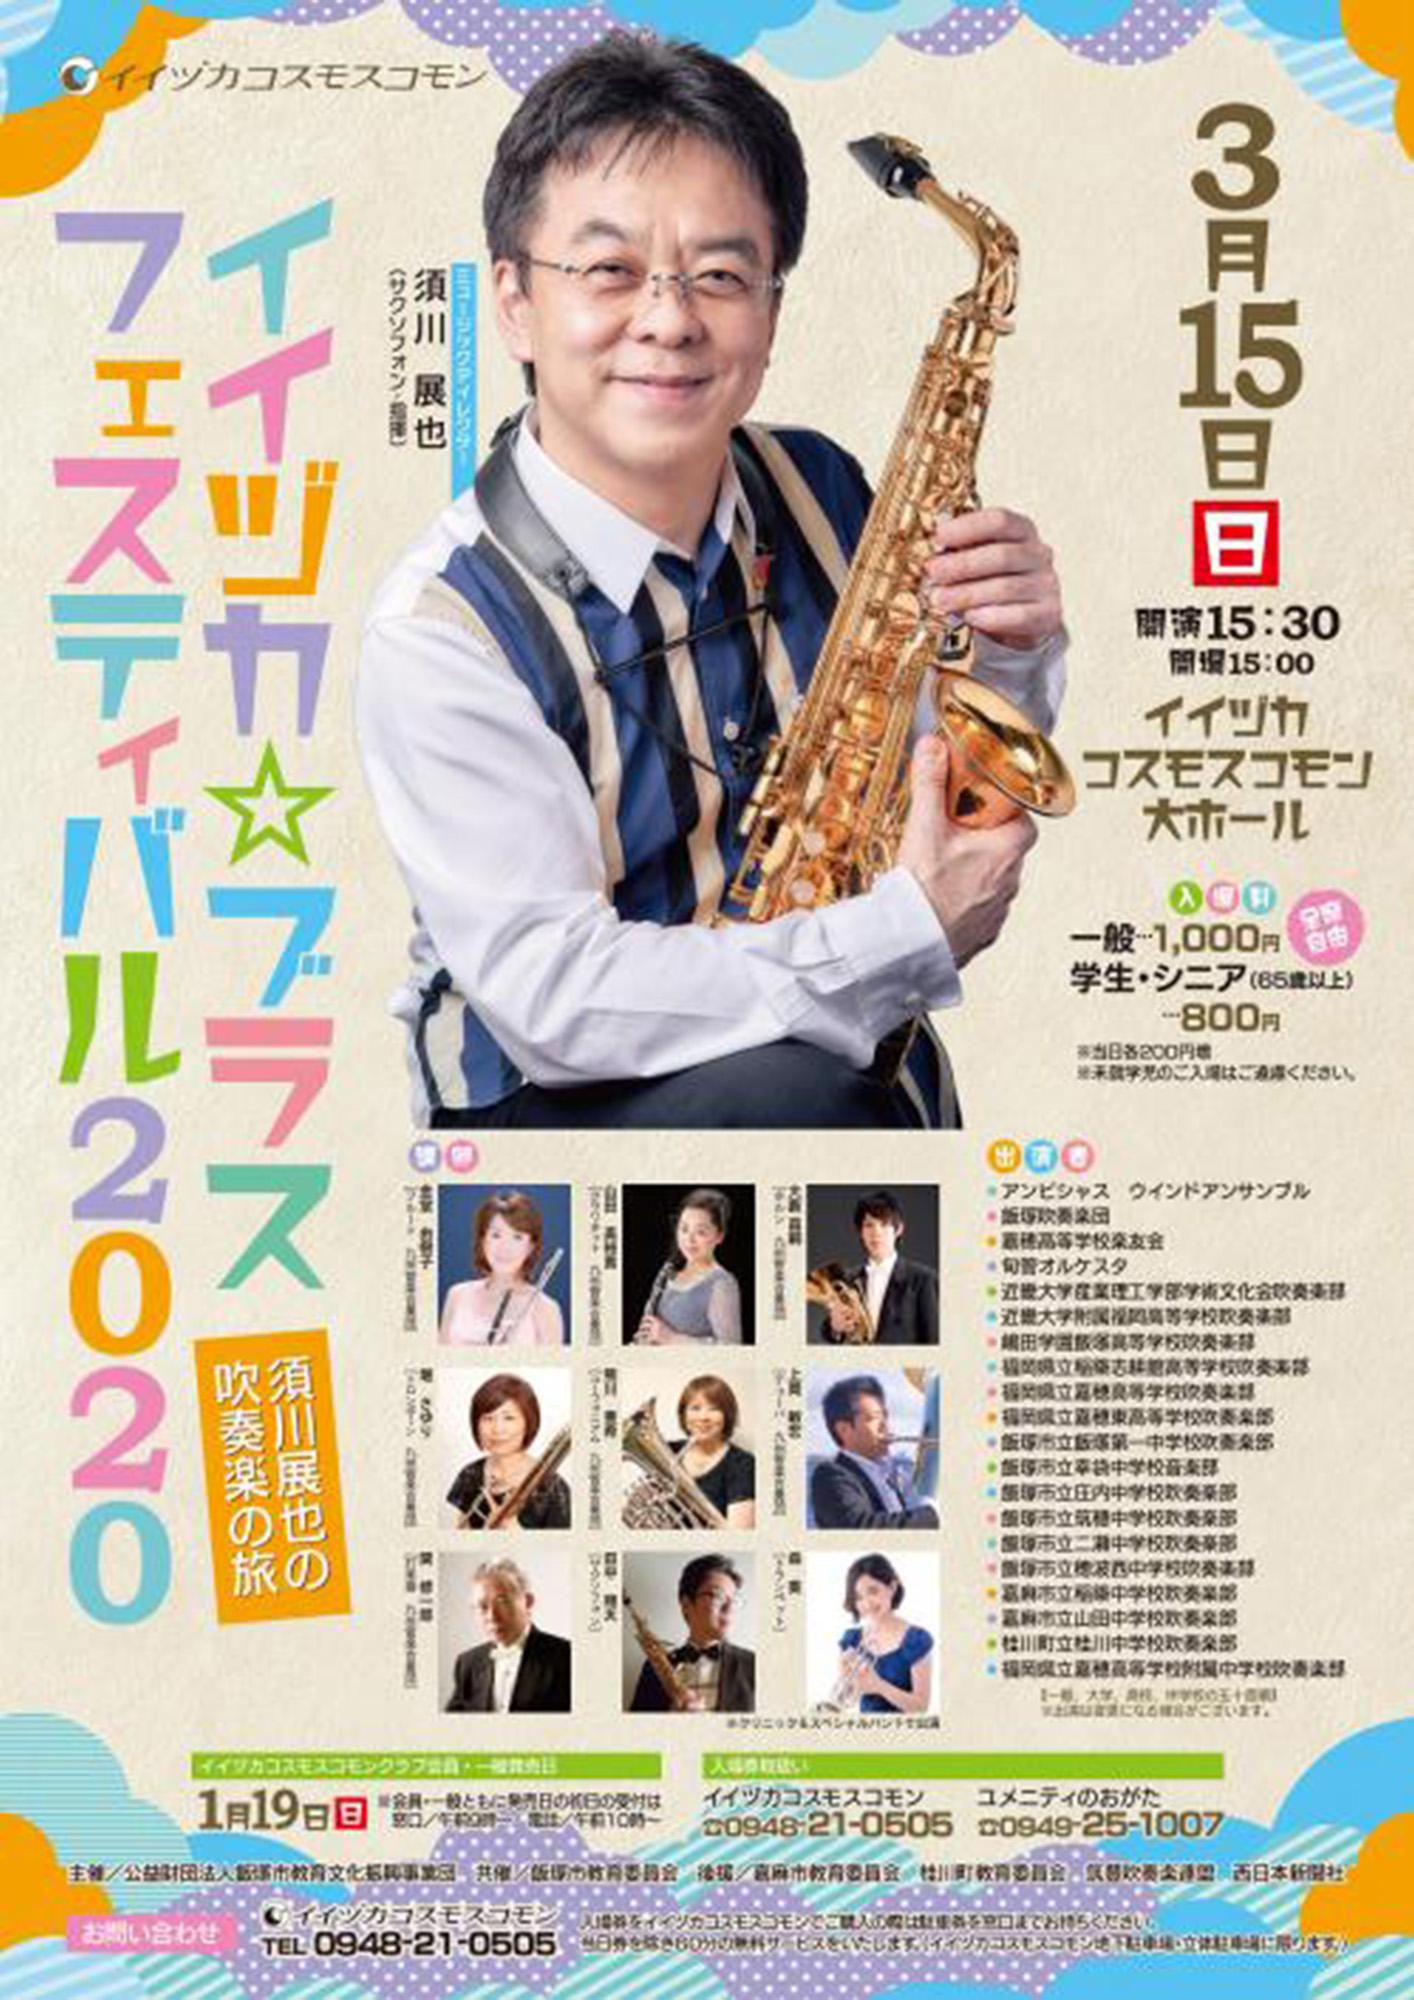 イイヅカブラスフェスティバル2020 須川展也の吹奏楽の旅